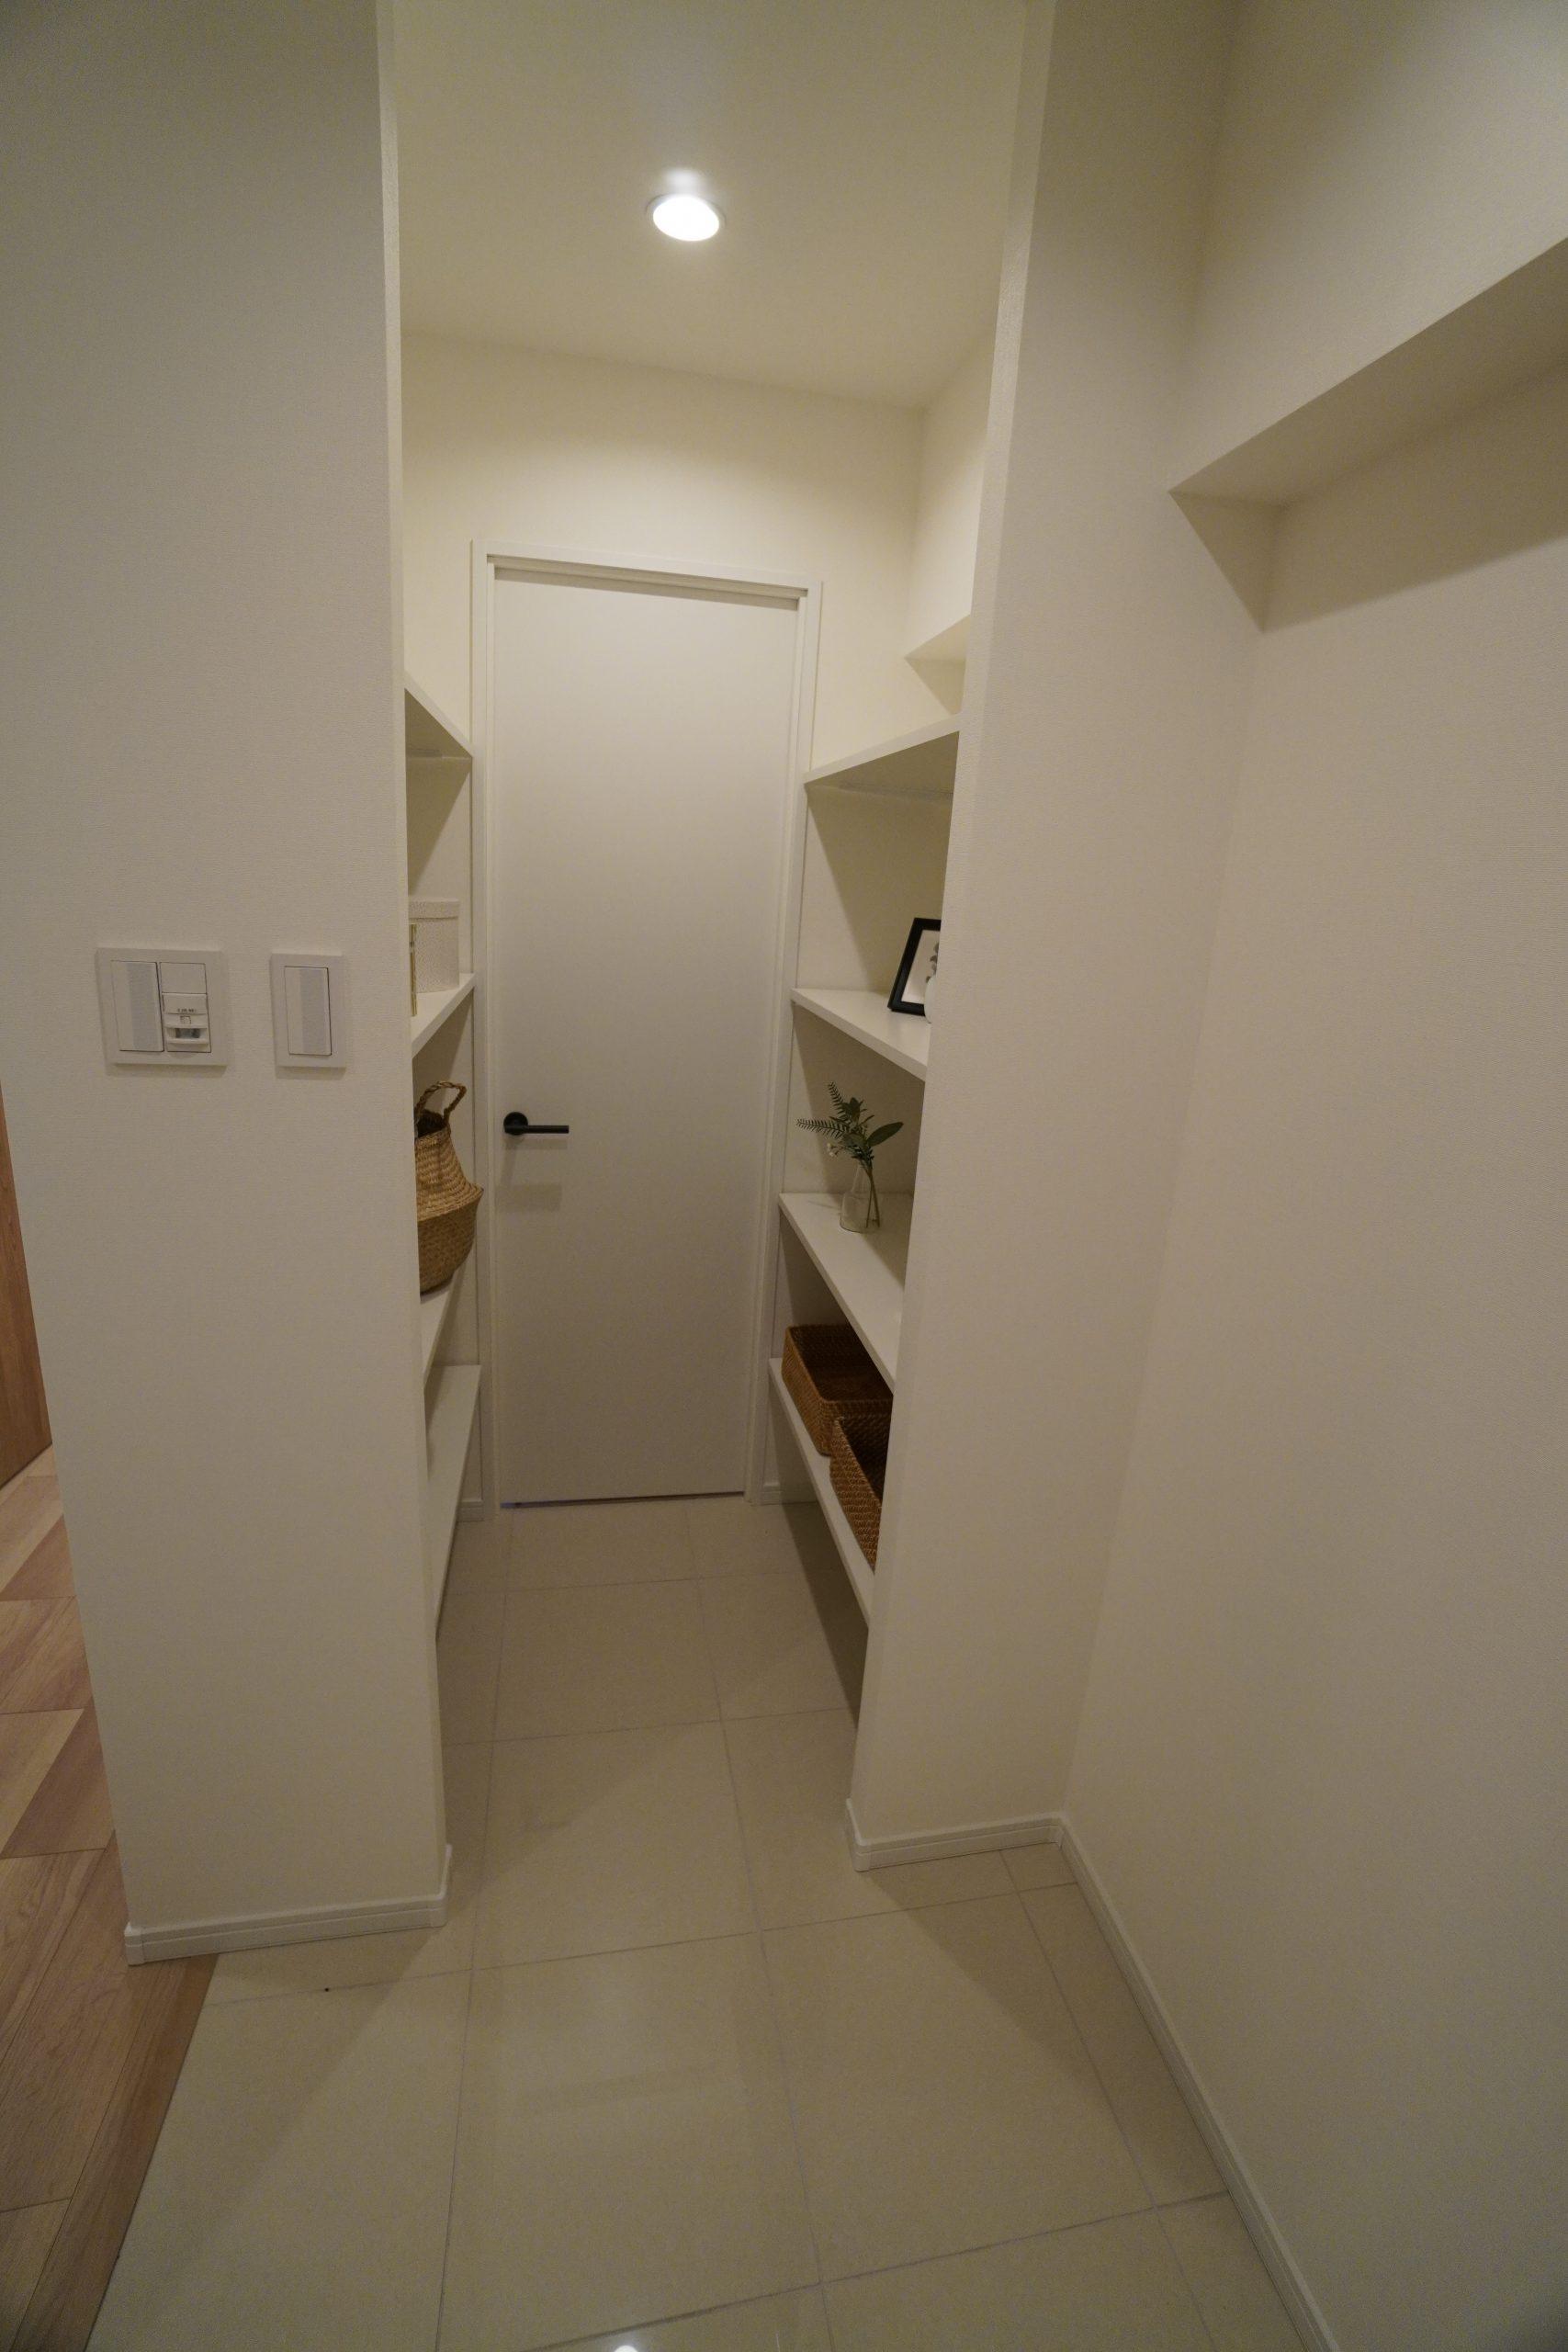 恵比寿スカイハイツ 413号室の写真8